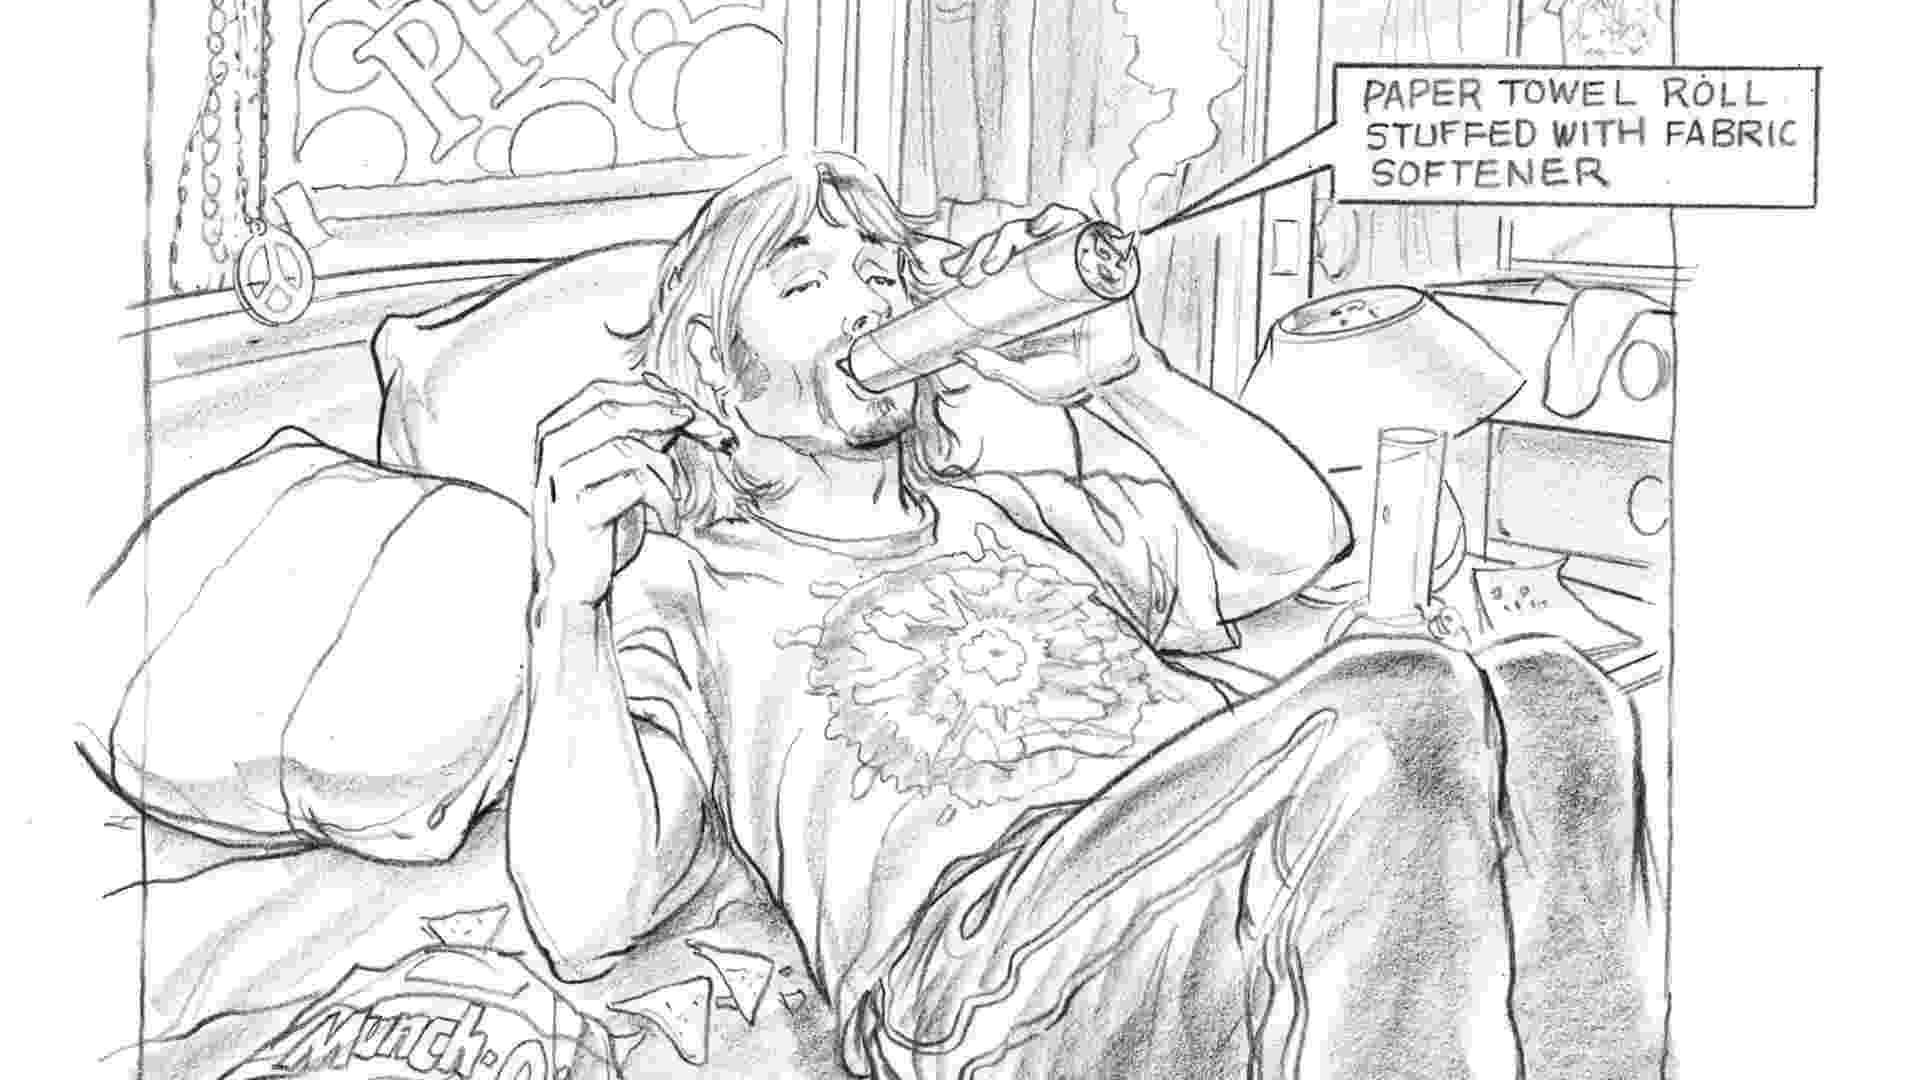 """Ilustração de """"O Livro Maldito - Tudo o Que Você Precisa Saber Se Não For Um Mané"""" mostra como fumar usando um rolo de papel toalha - Divulgação"""